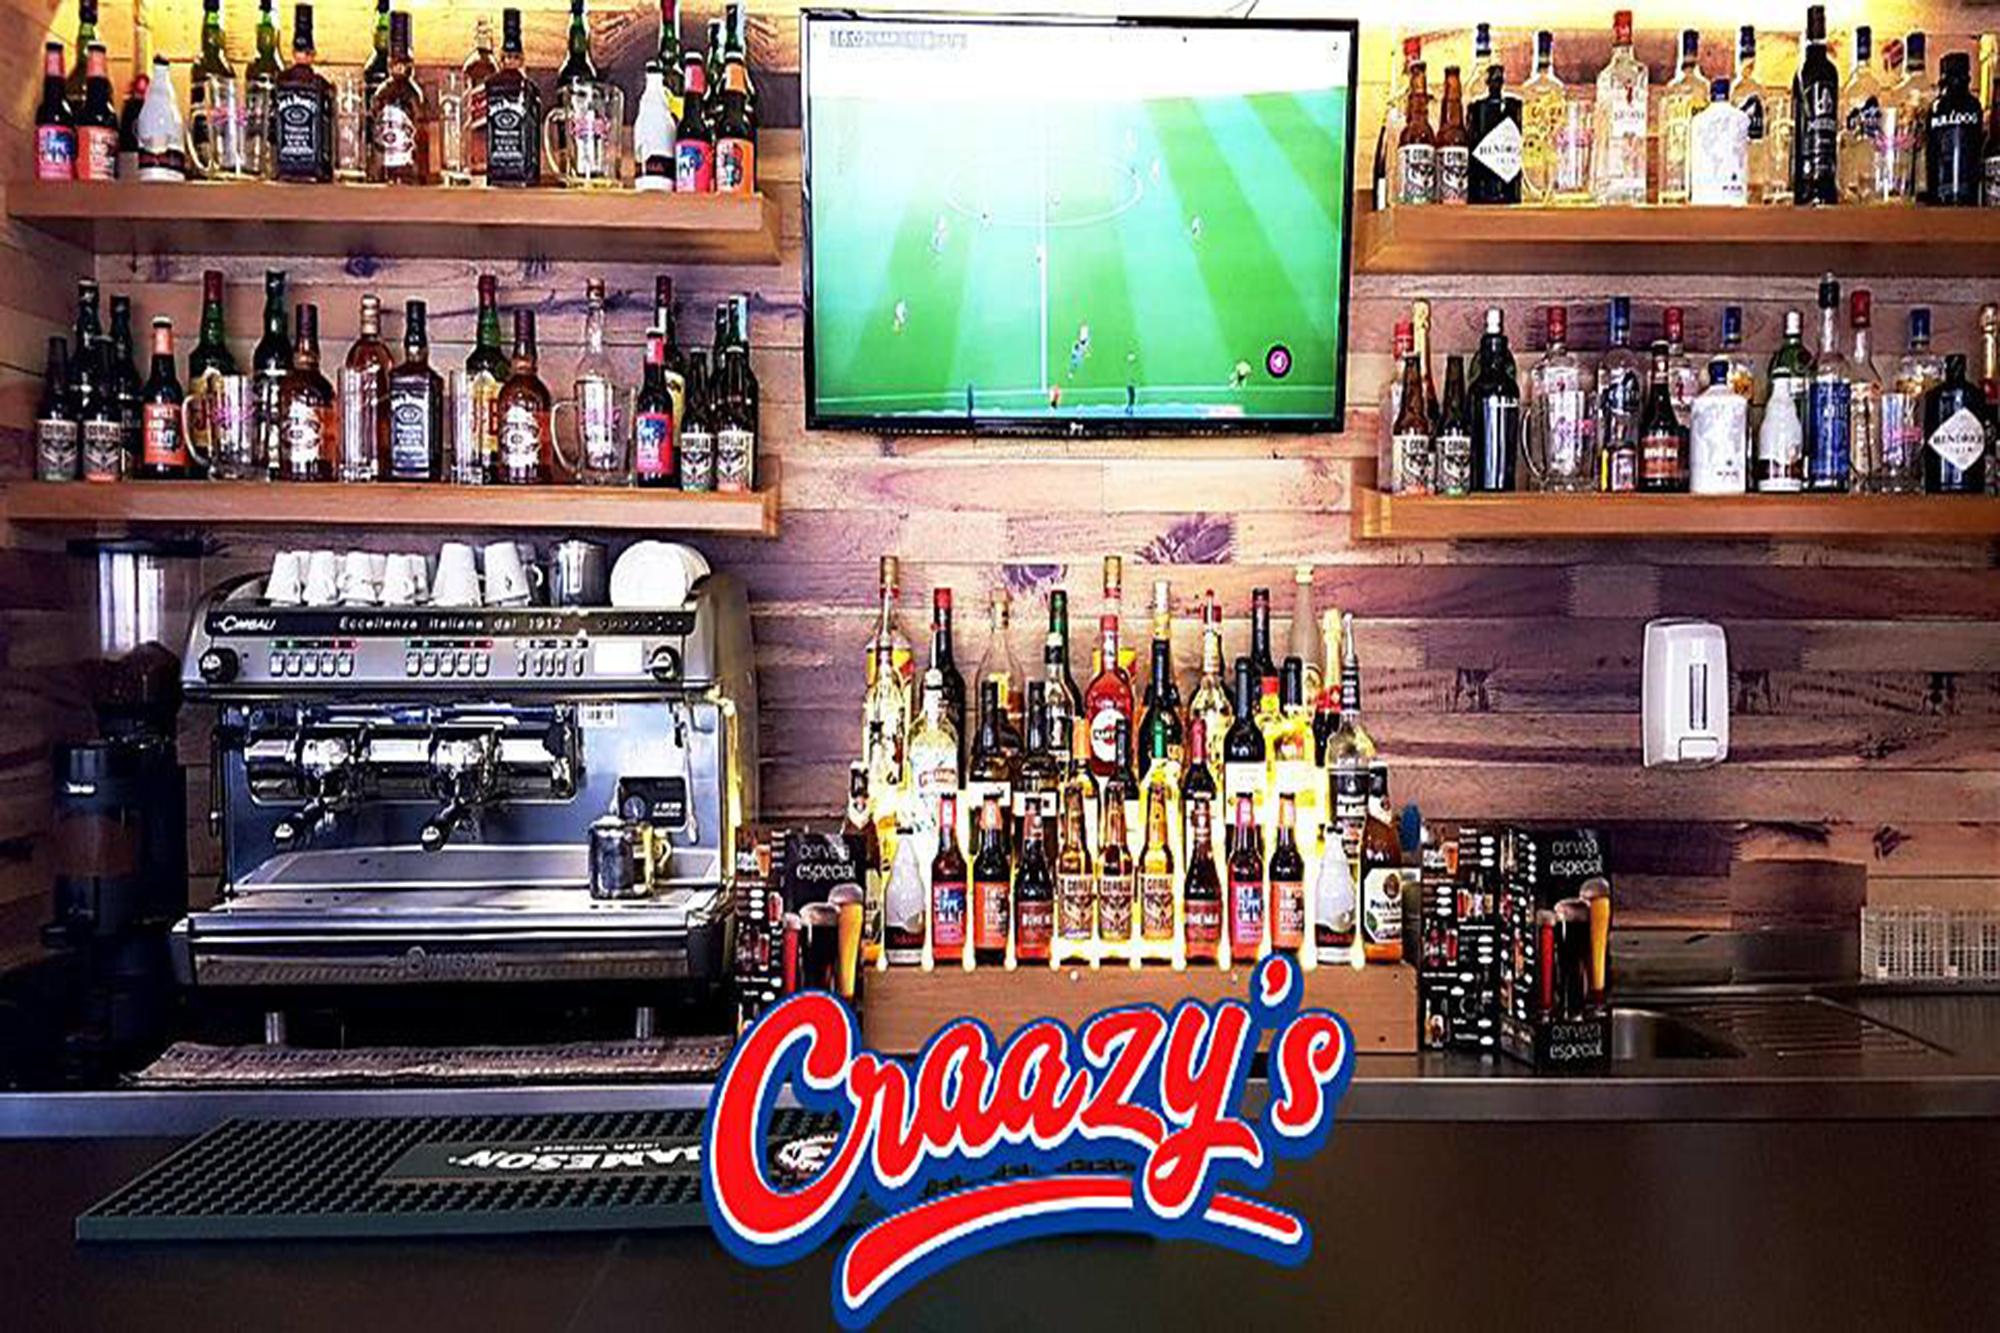 Craazy's